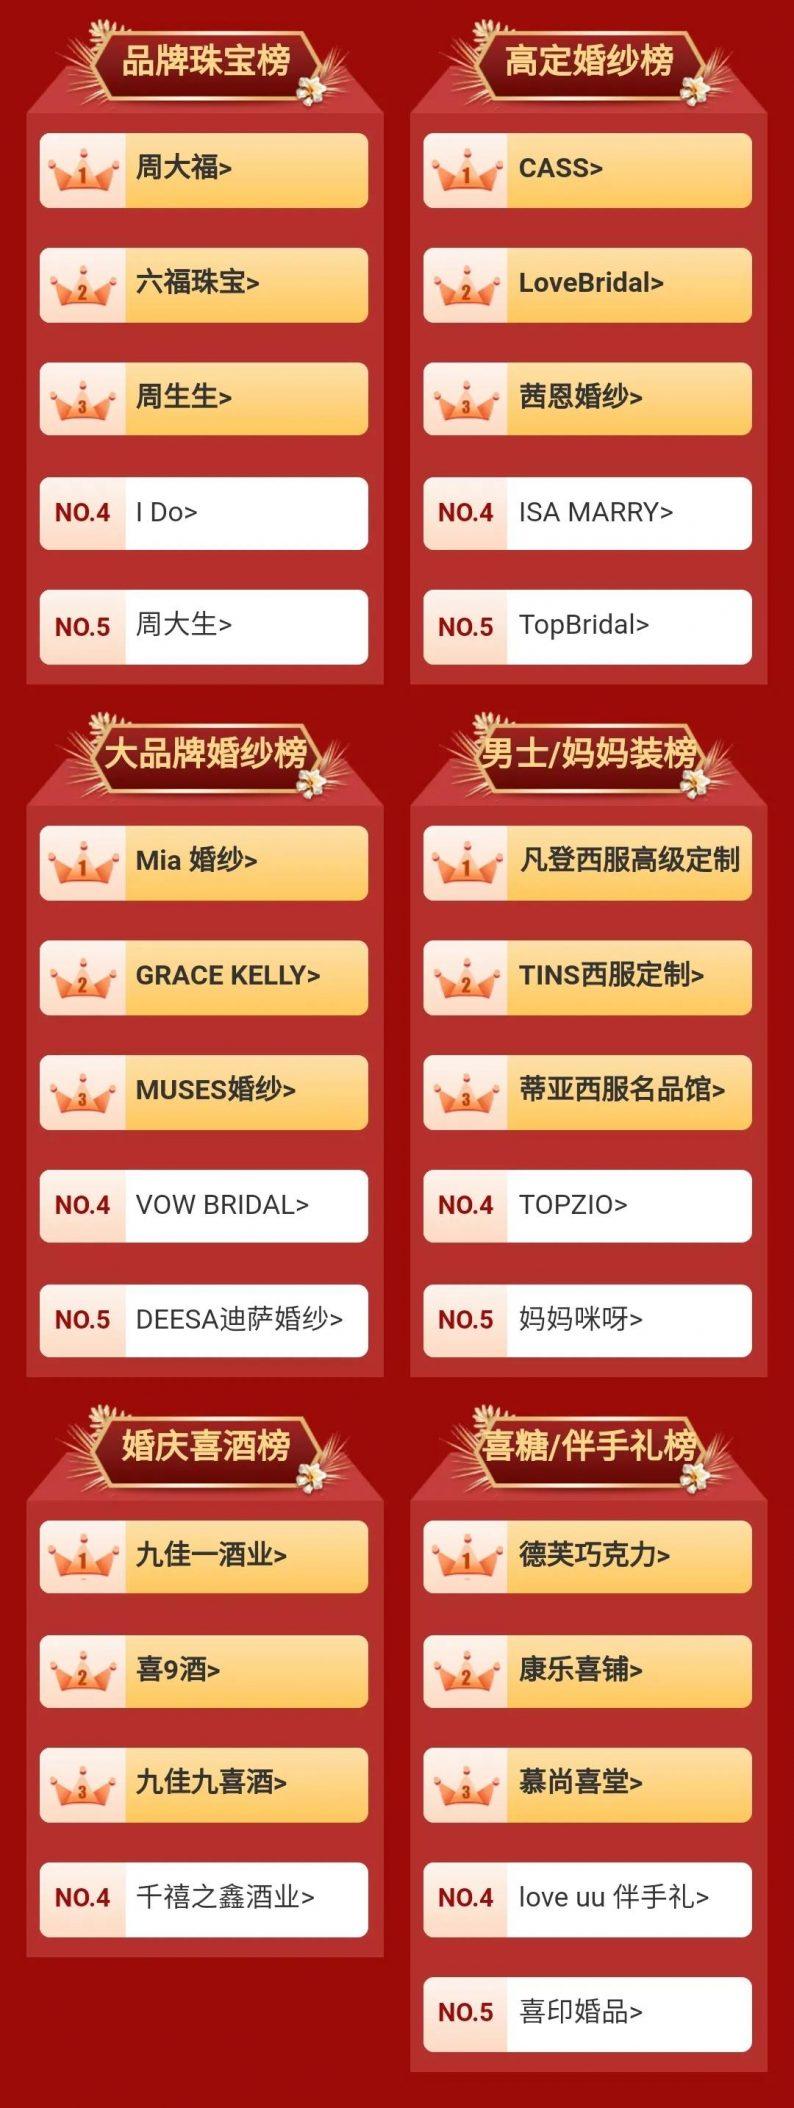 中国婚博会成都:2021春季商家订单排行榜  第3张